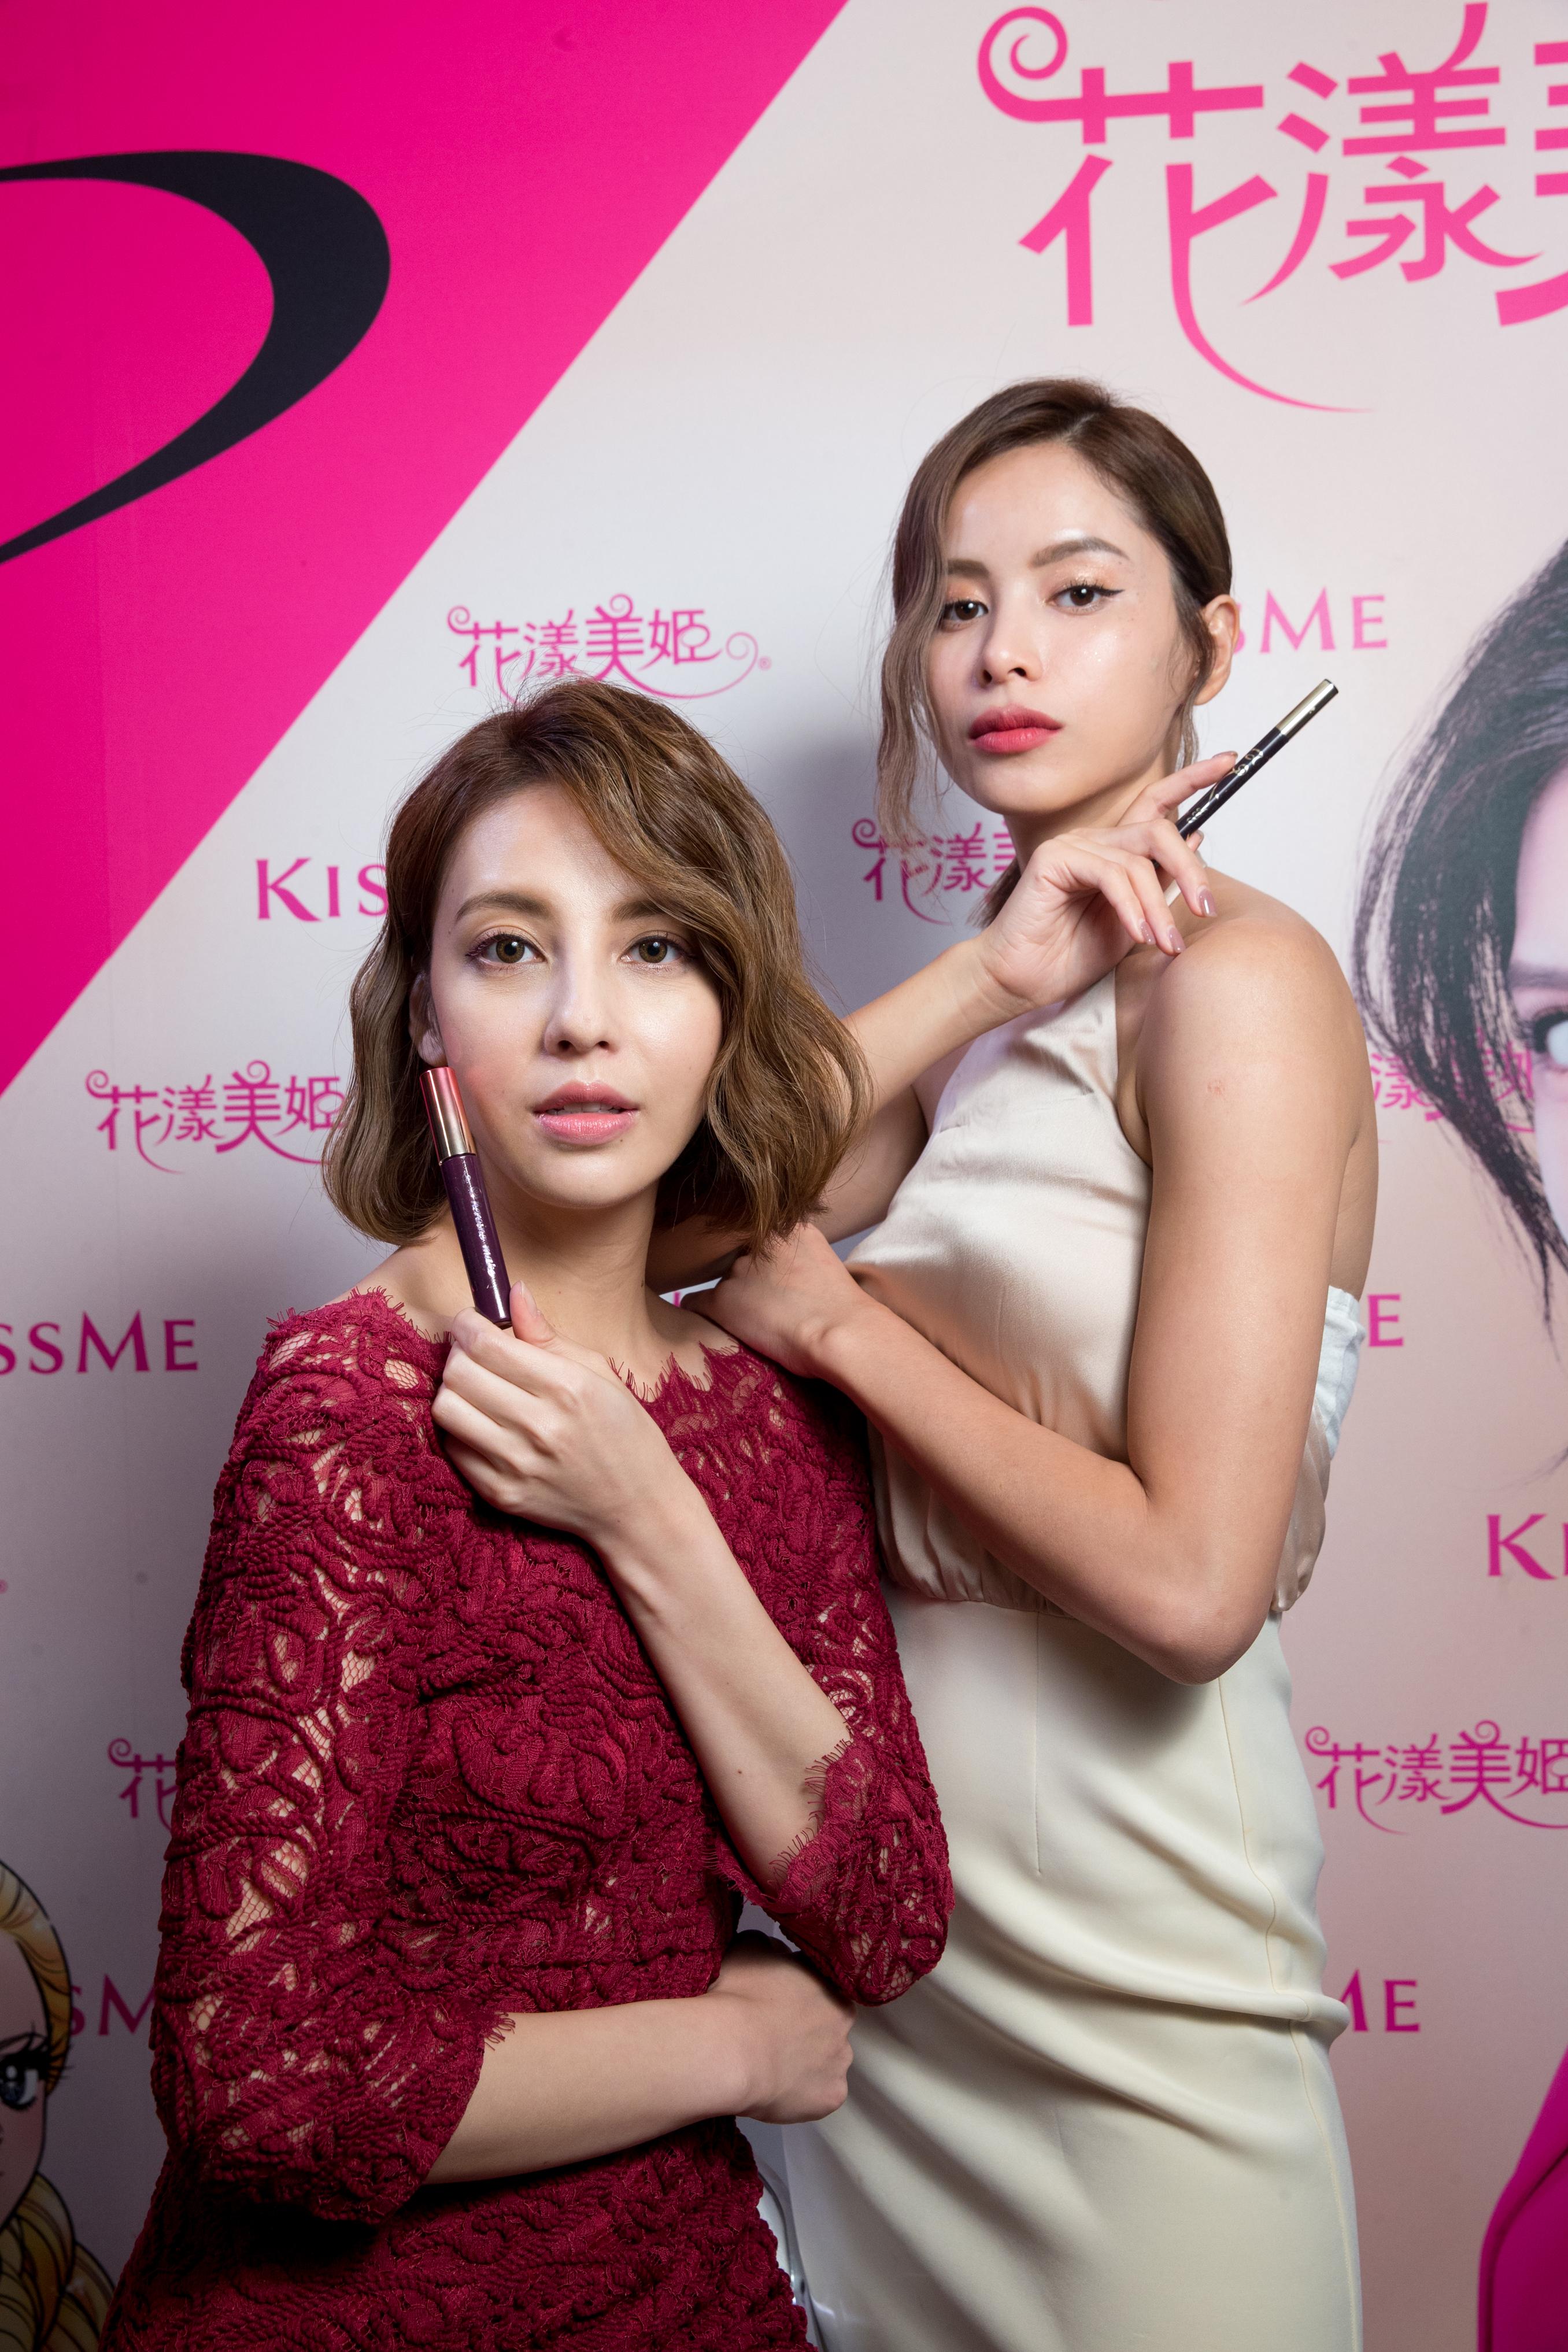 KISSME花漾美姬